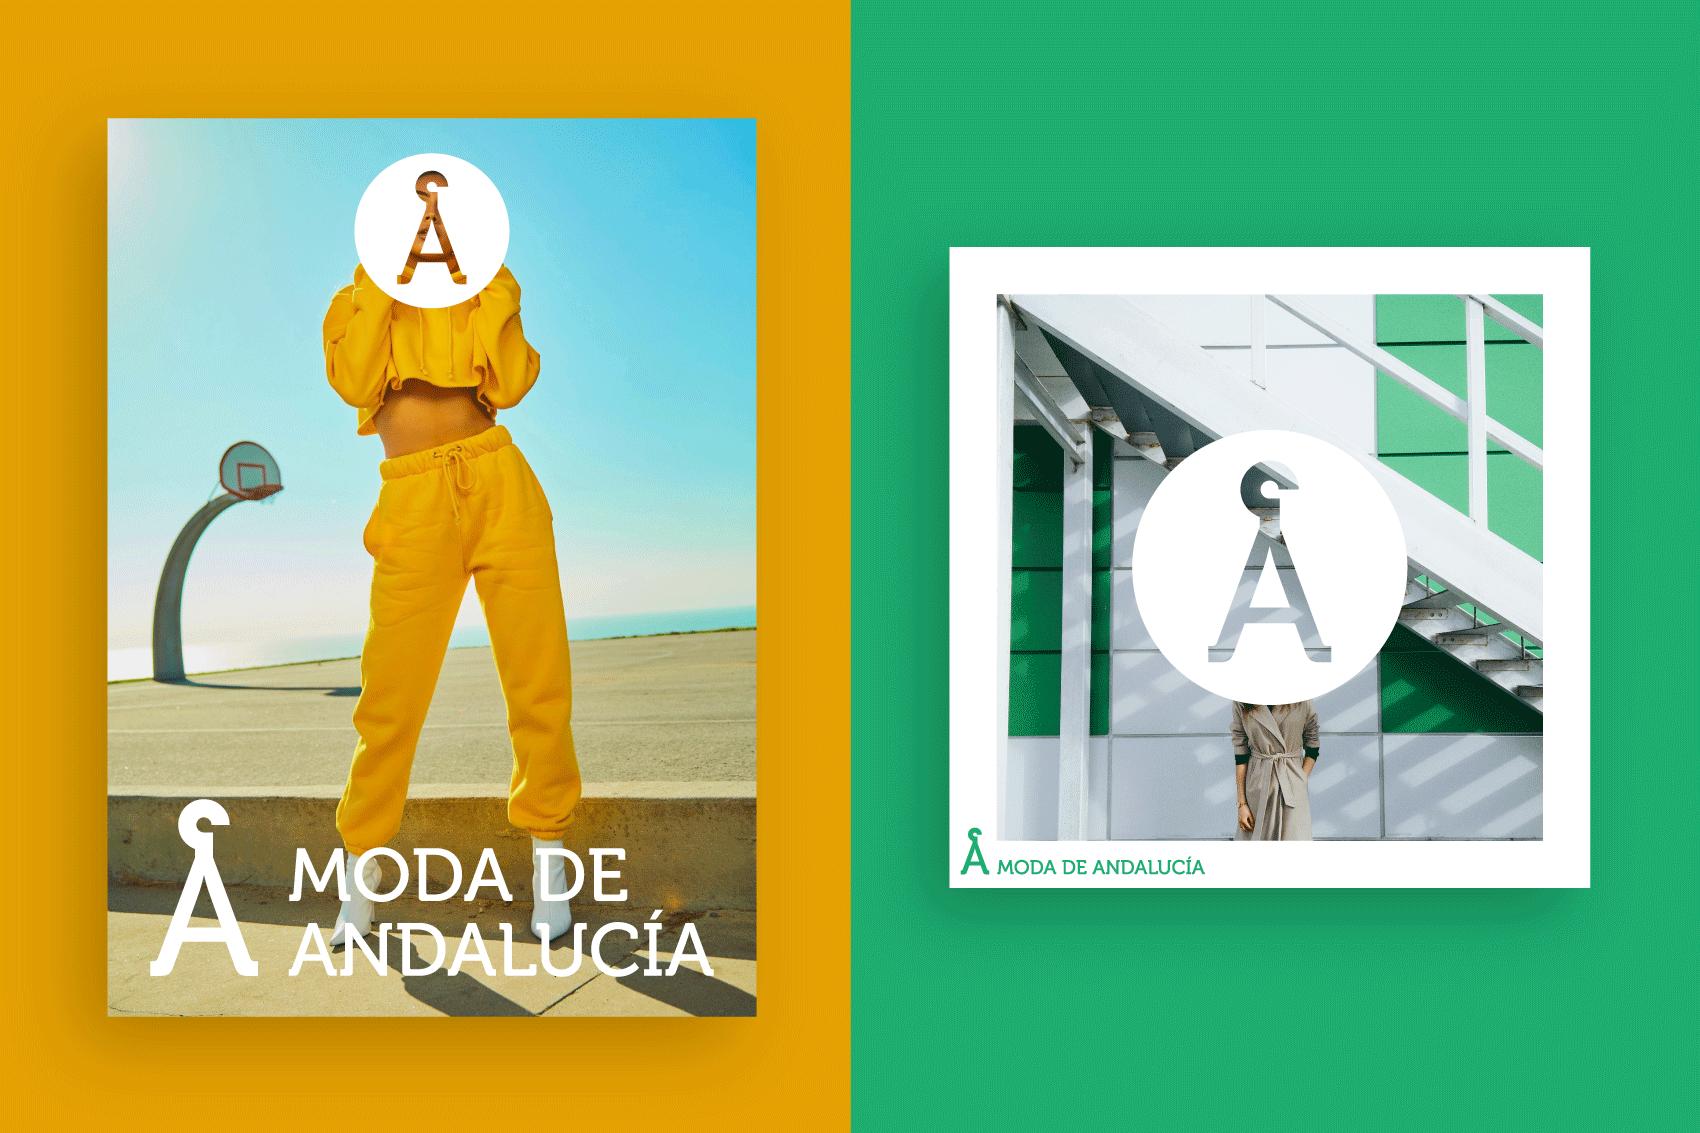 Moda-de-Andalucia-Car-1-2